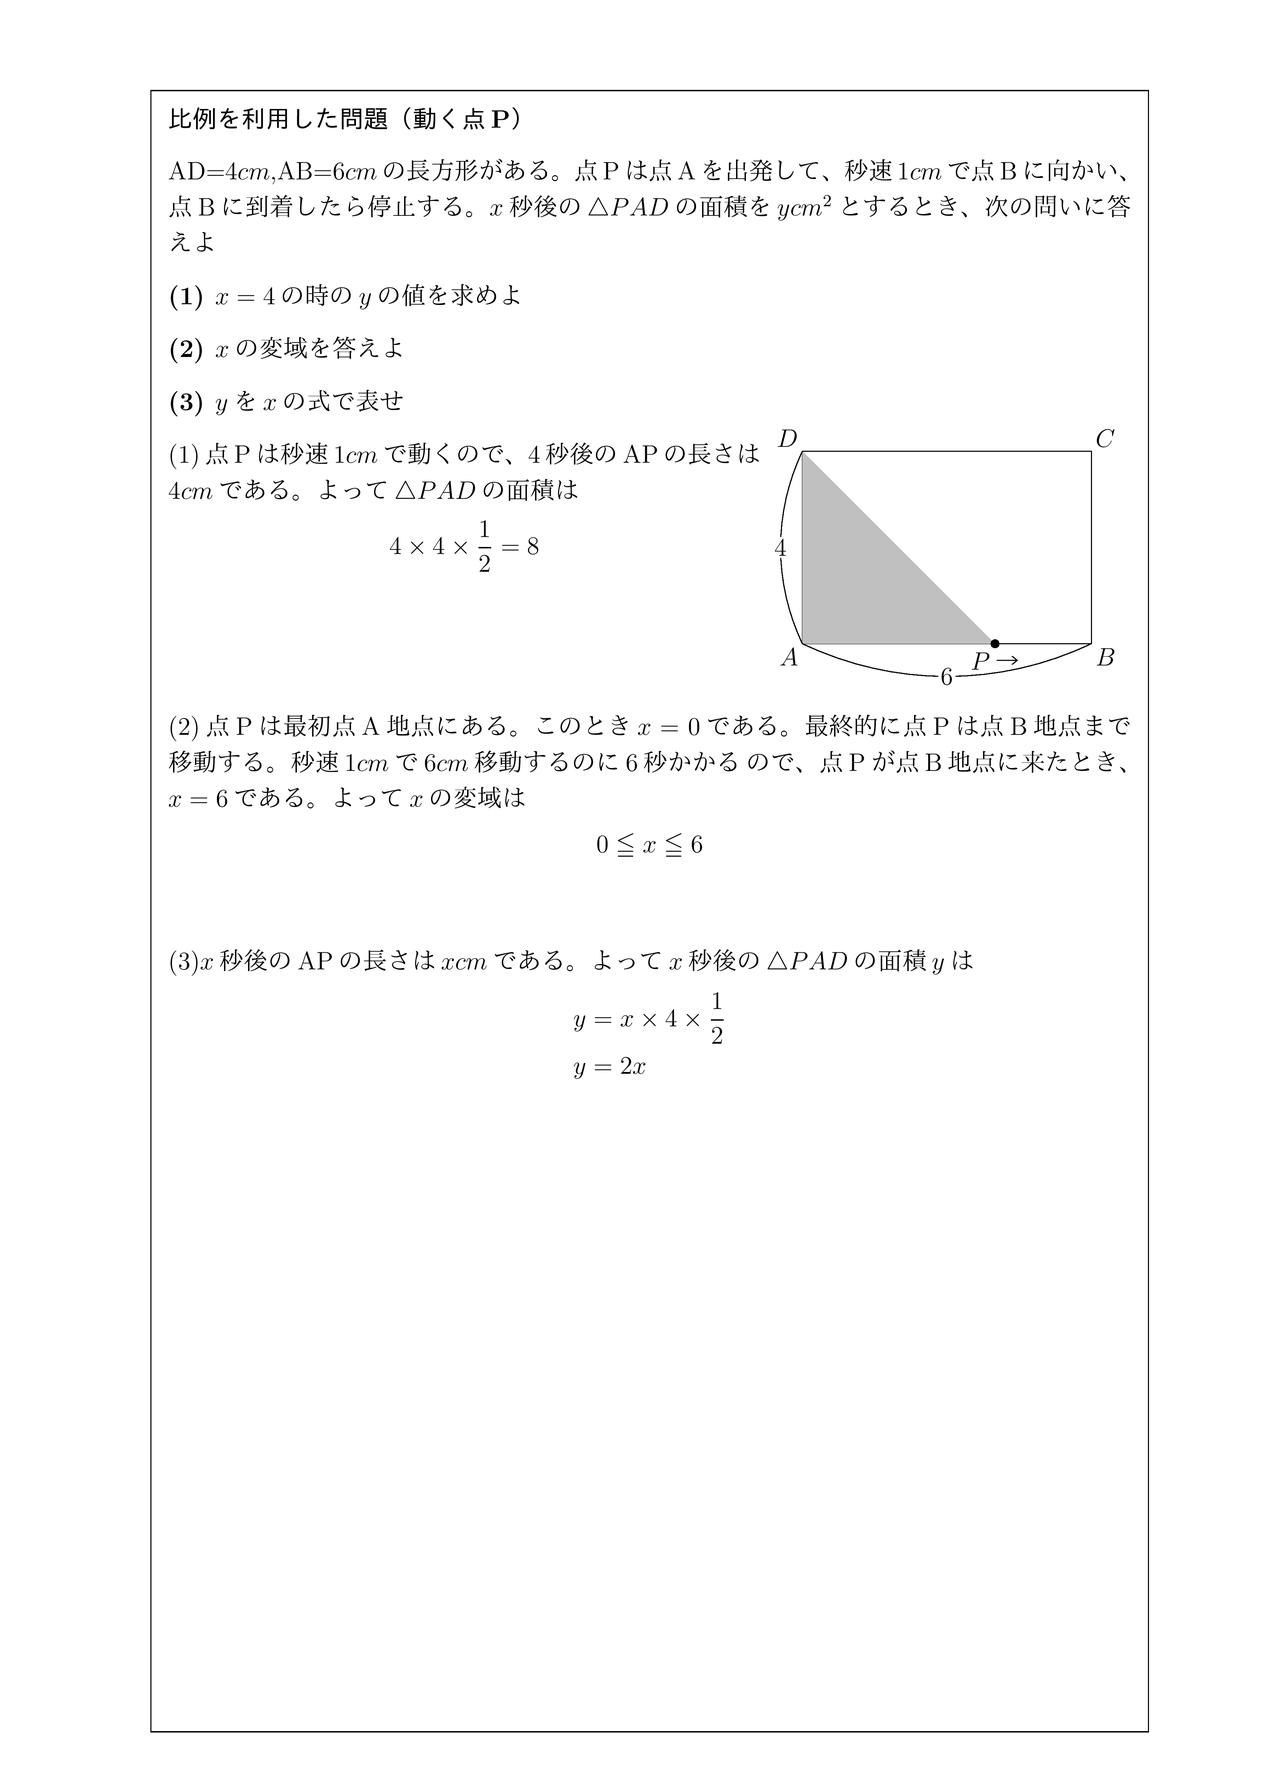 比例を利用した問題(動く点P)